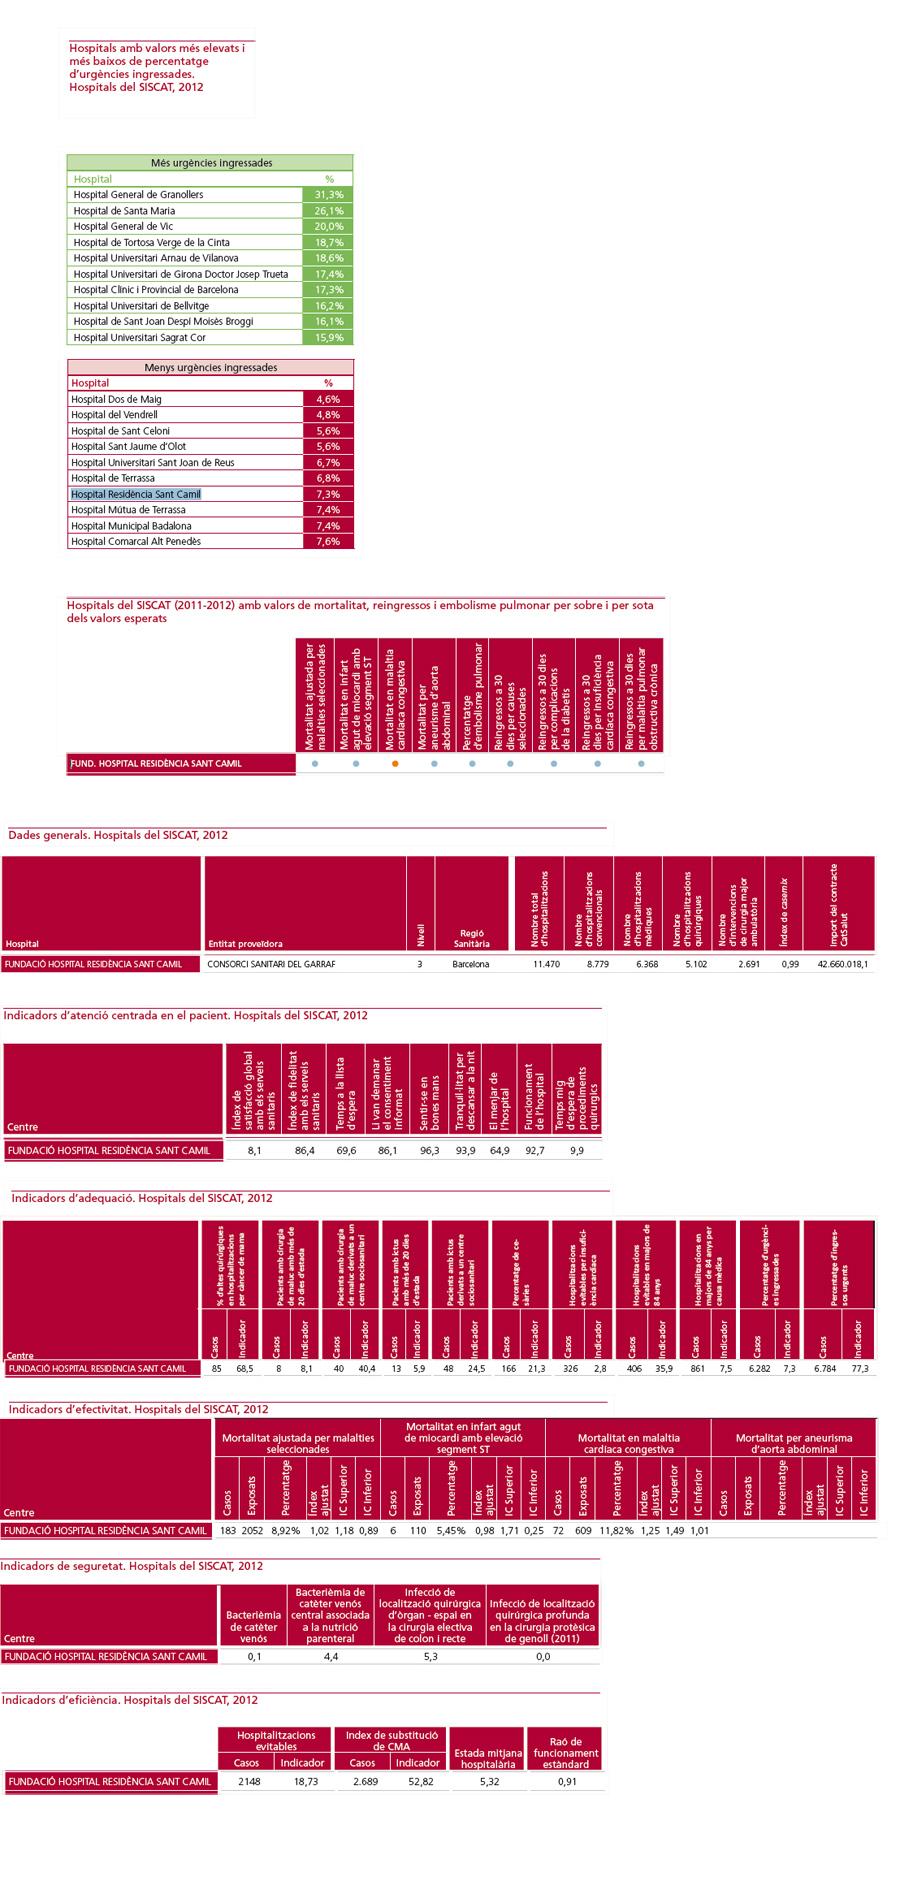 Dades sobre Sant Camil a l'Informe de l'Àmbit Hospitalari 2012 (feu clic per ampliar-ho)